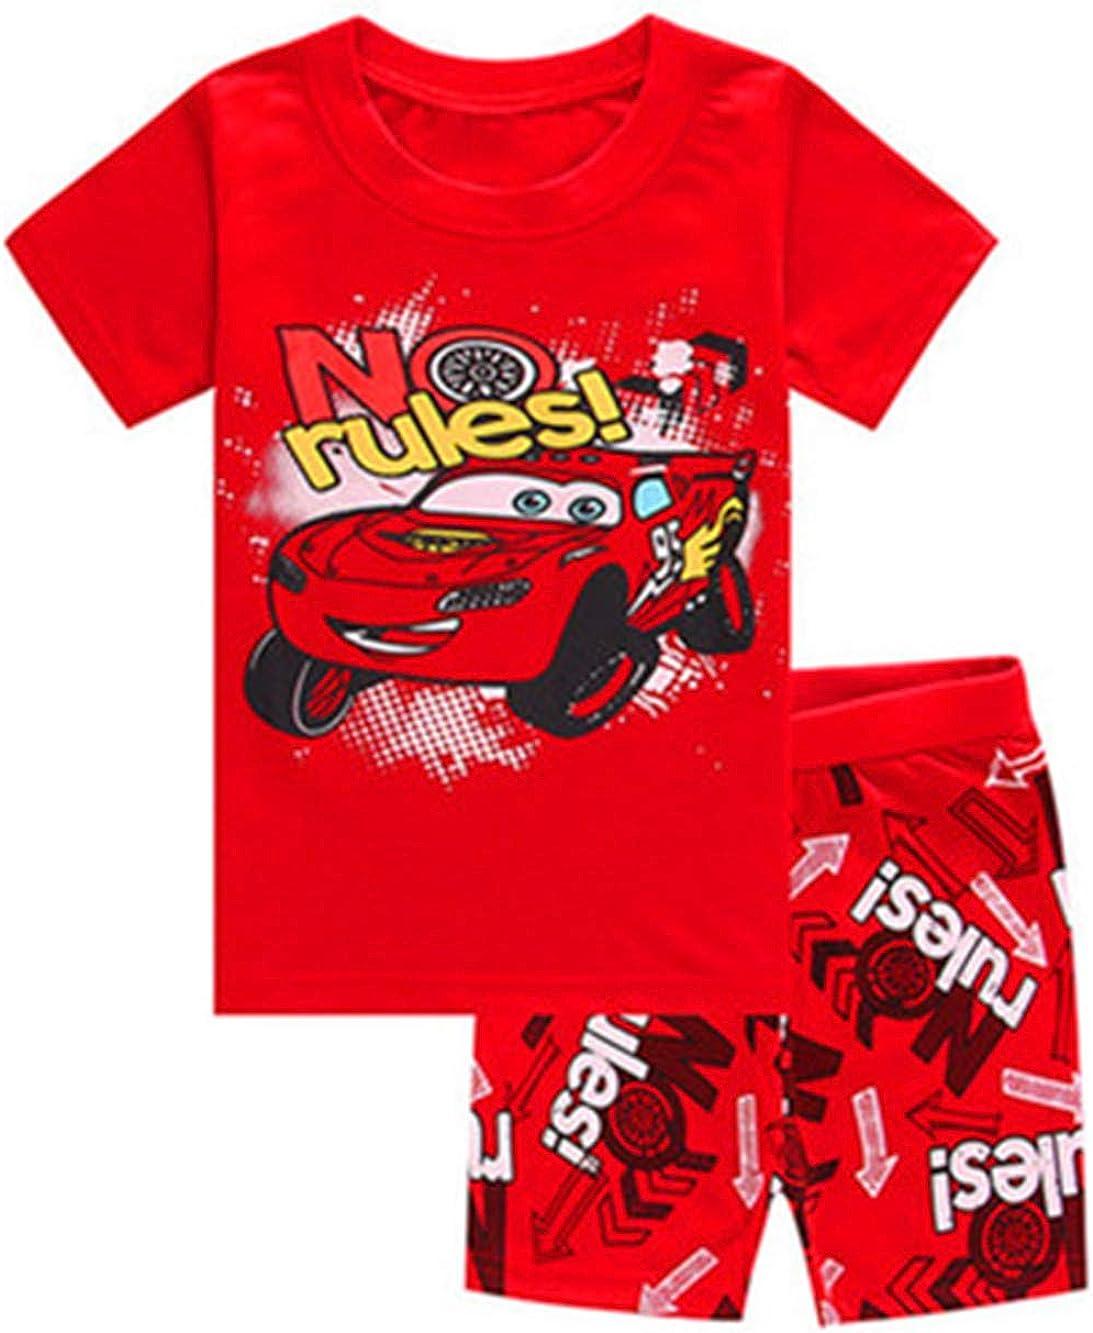 Boys Pajamas Set 100% Cotton Spiderman Kids Short Pjs Summer Toddler Sleepwear